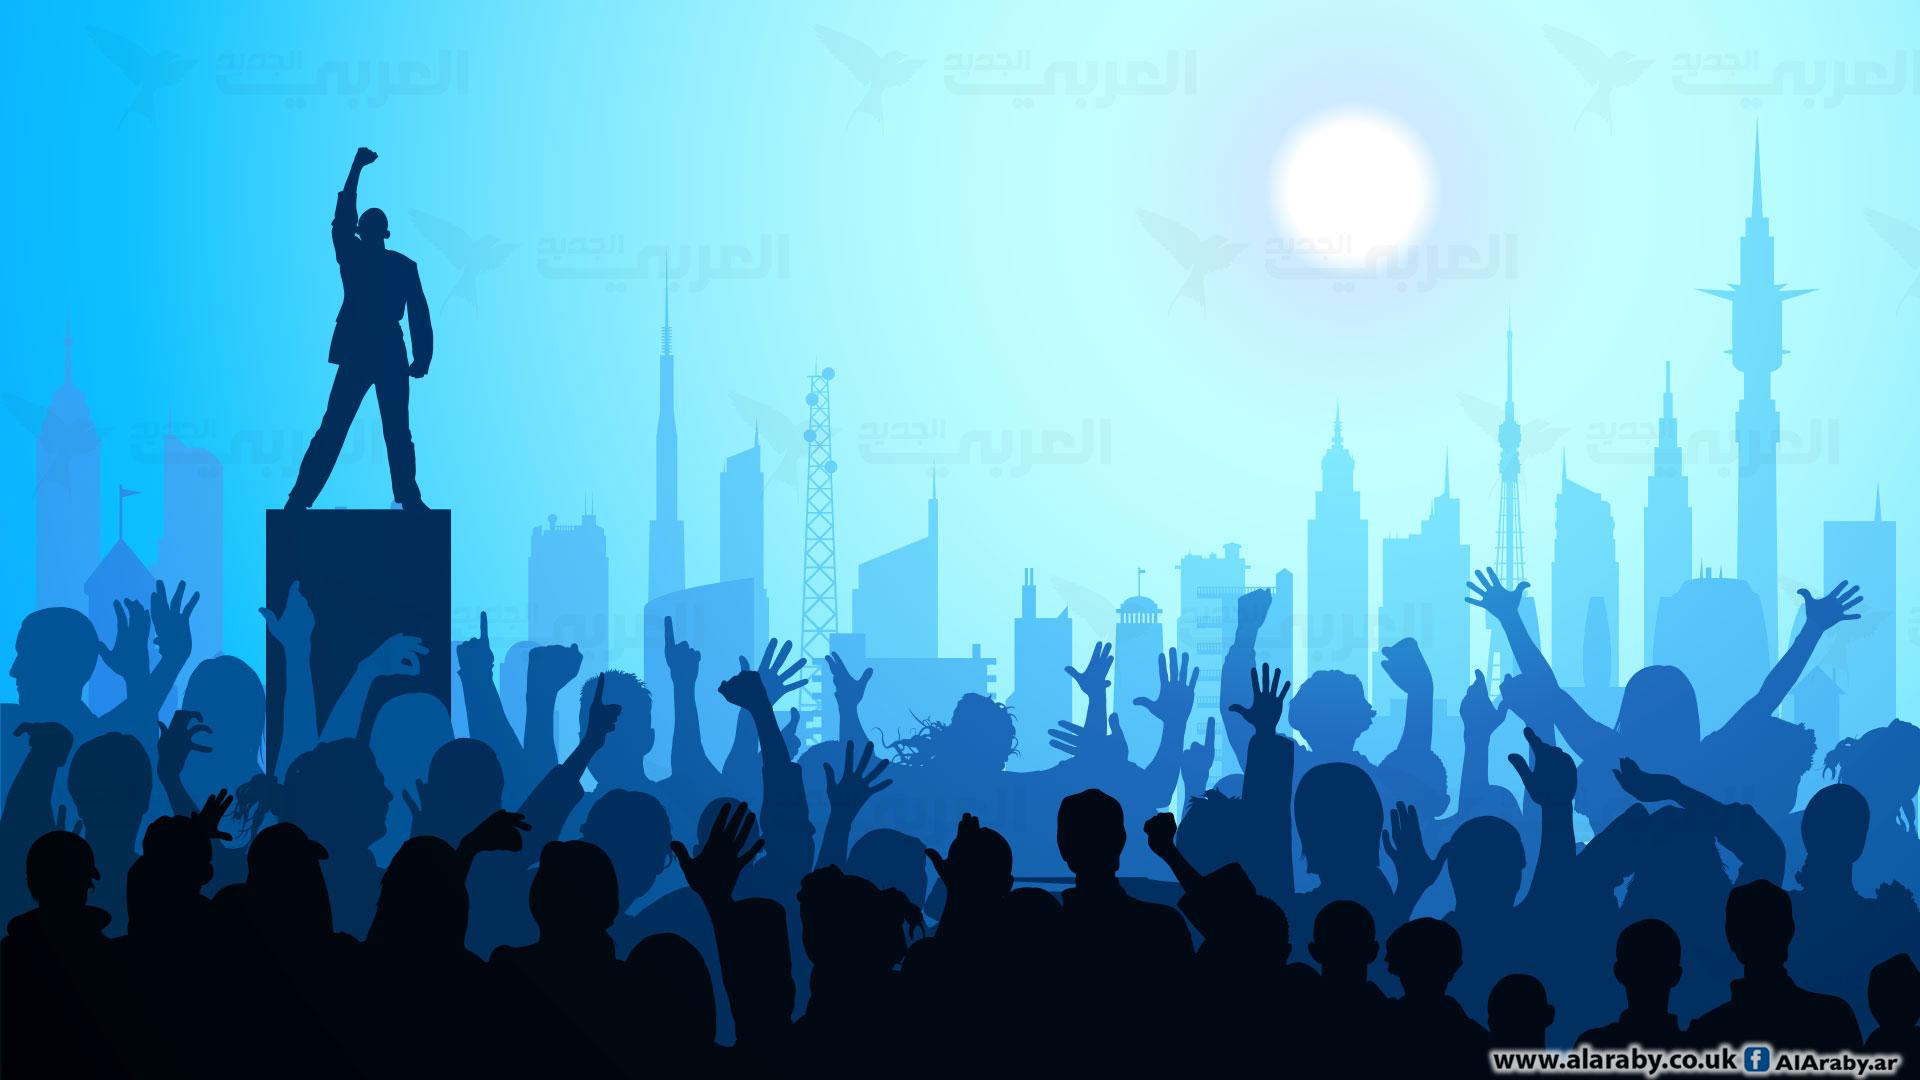 الشباب العربي: اللامبالاة والإحباط والتغيير